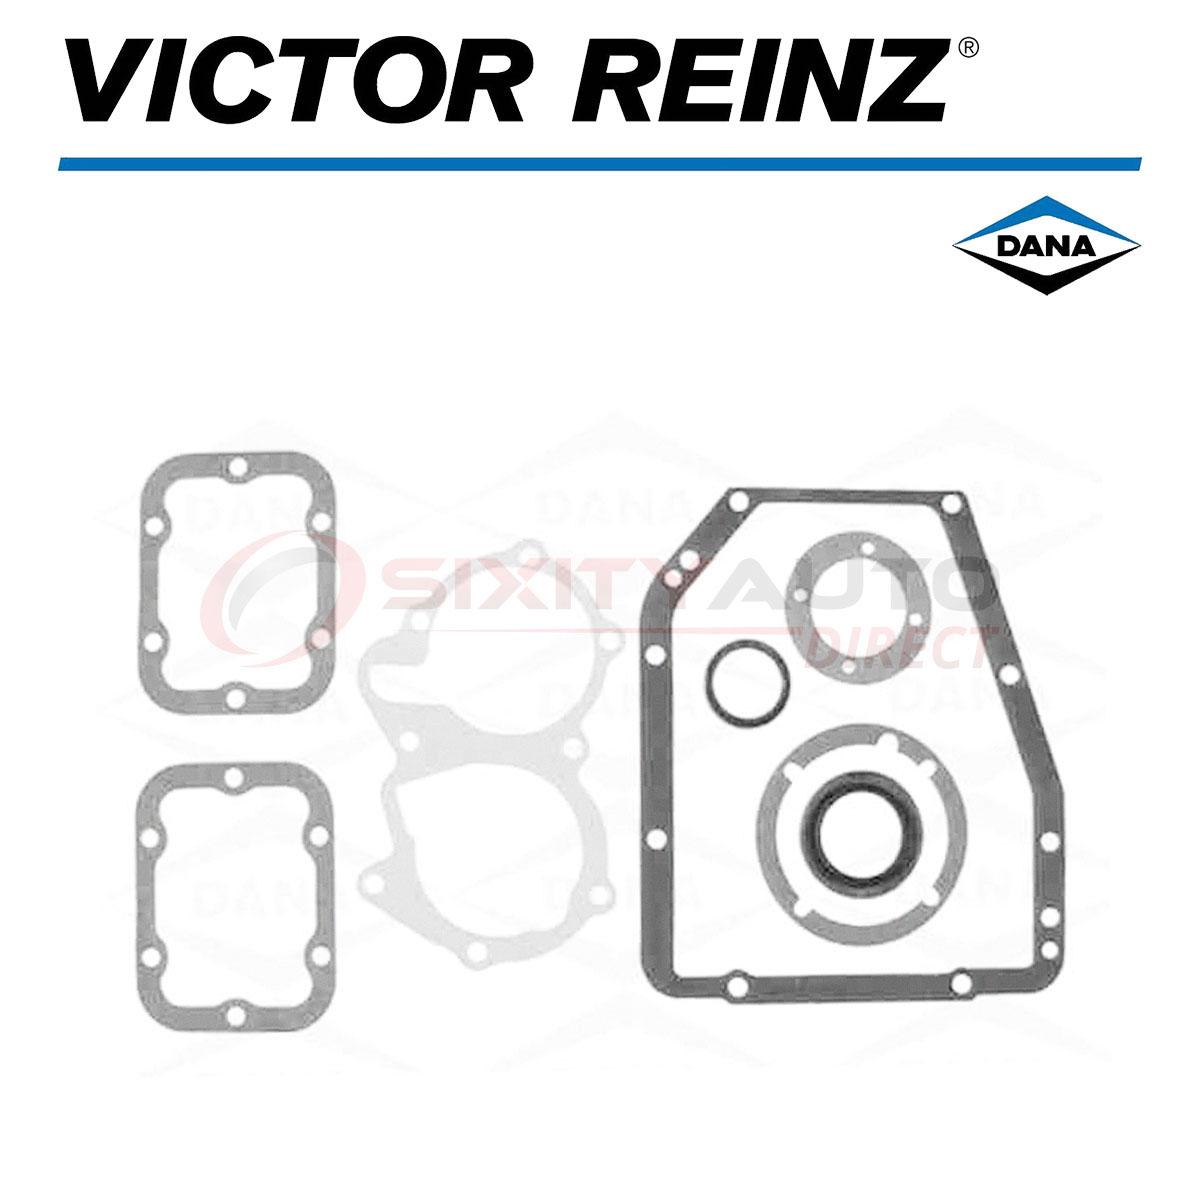 Victor Reinz Manual Transmission Gasket Set for 1968-1983